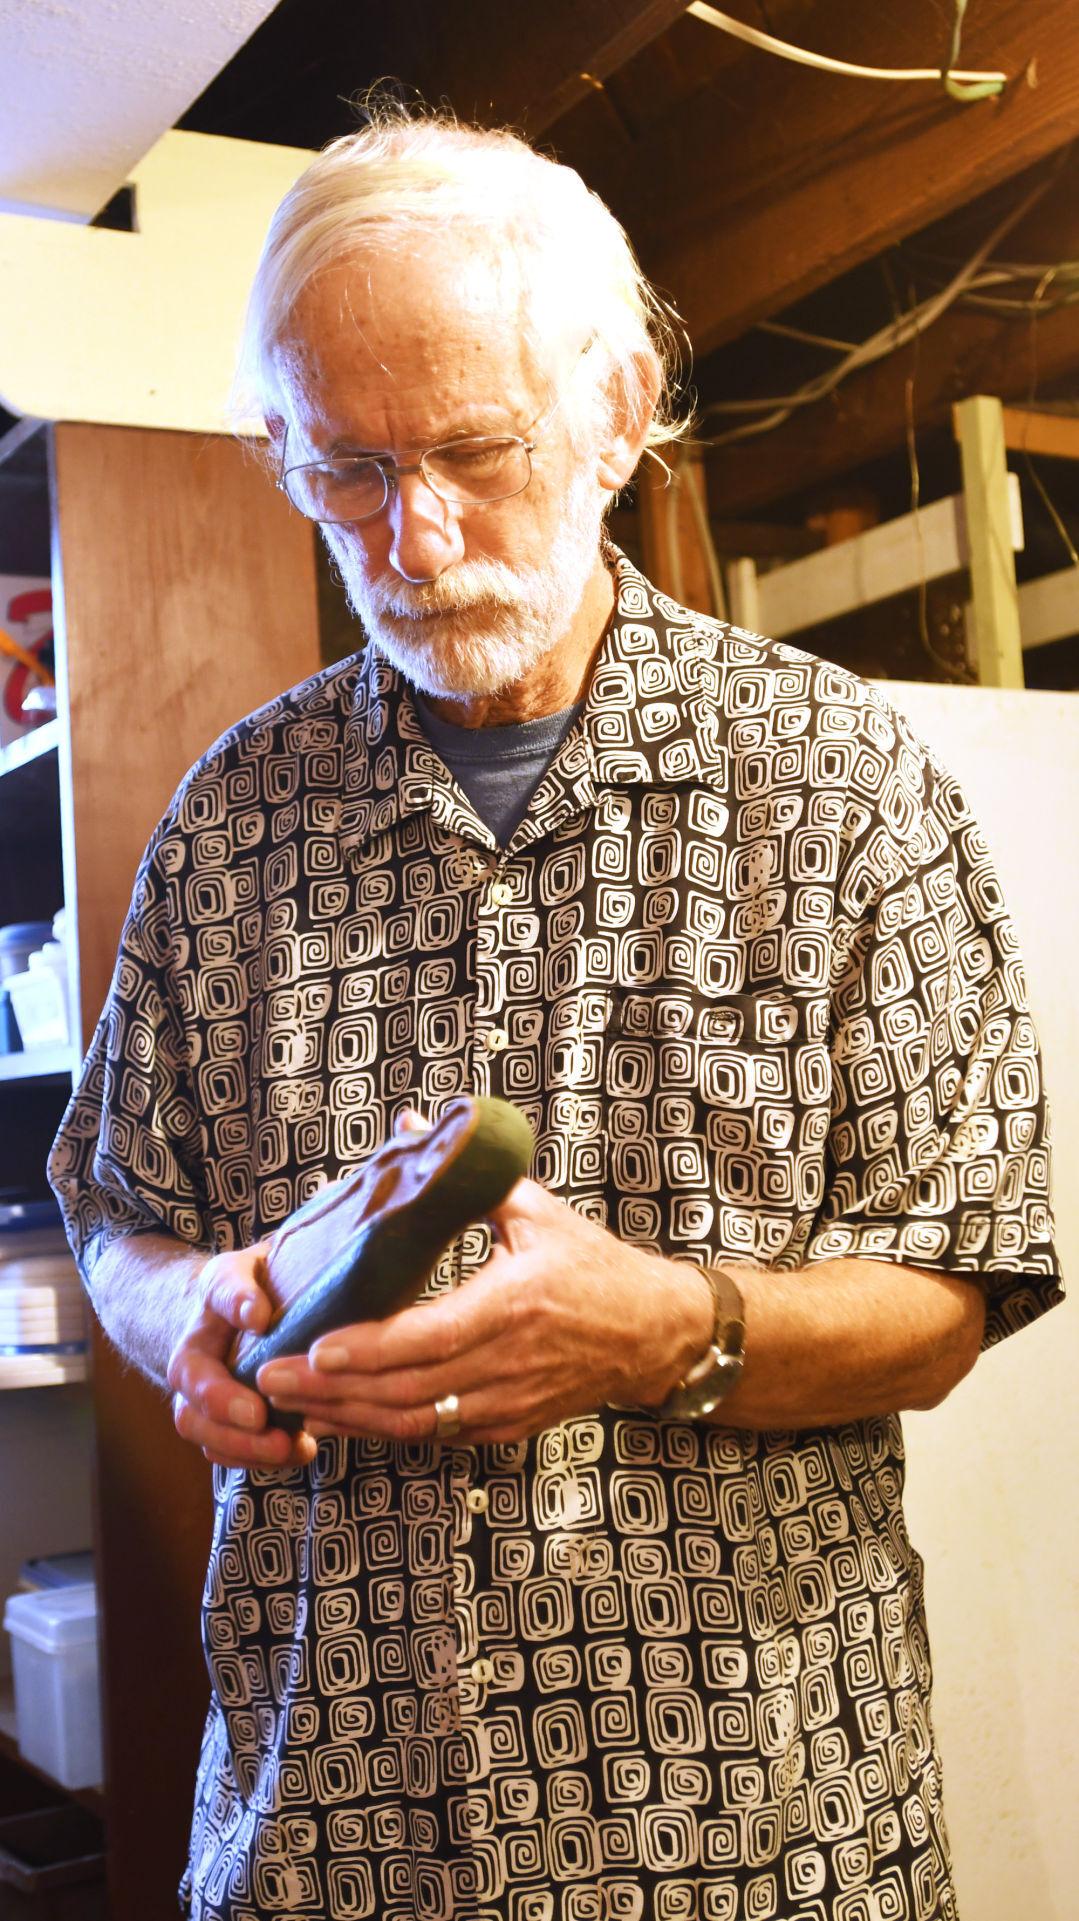 The Carver Richard Heggen